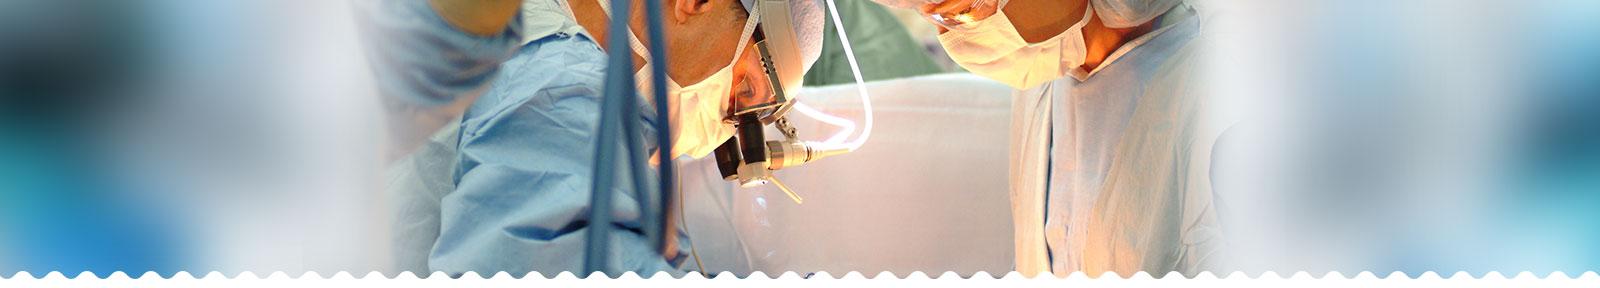 Цены на хирургические операции